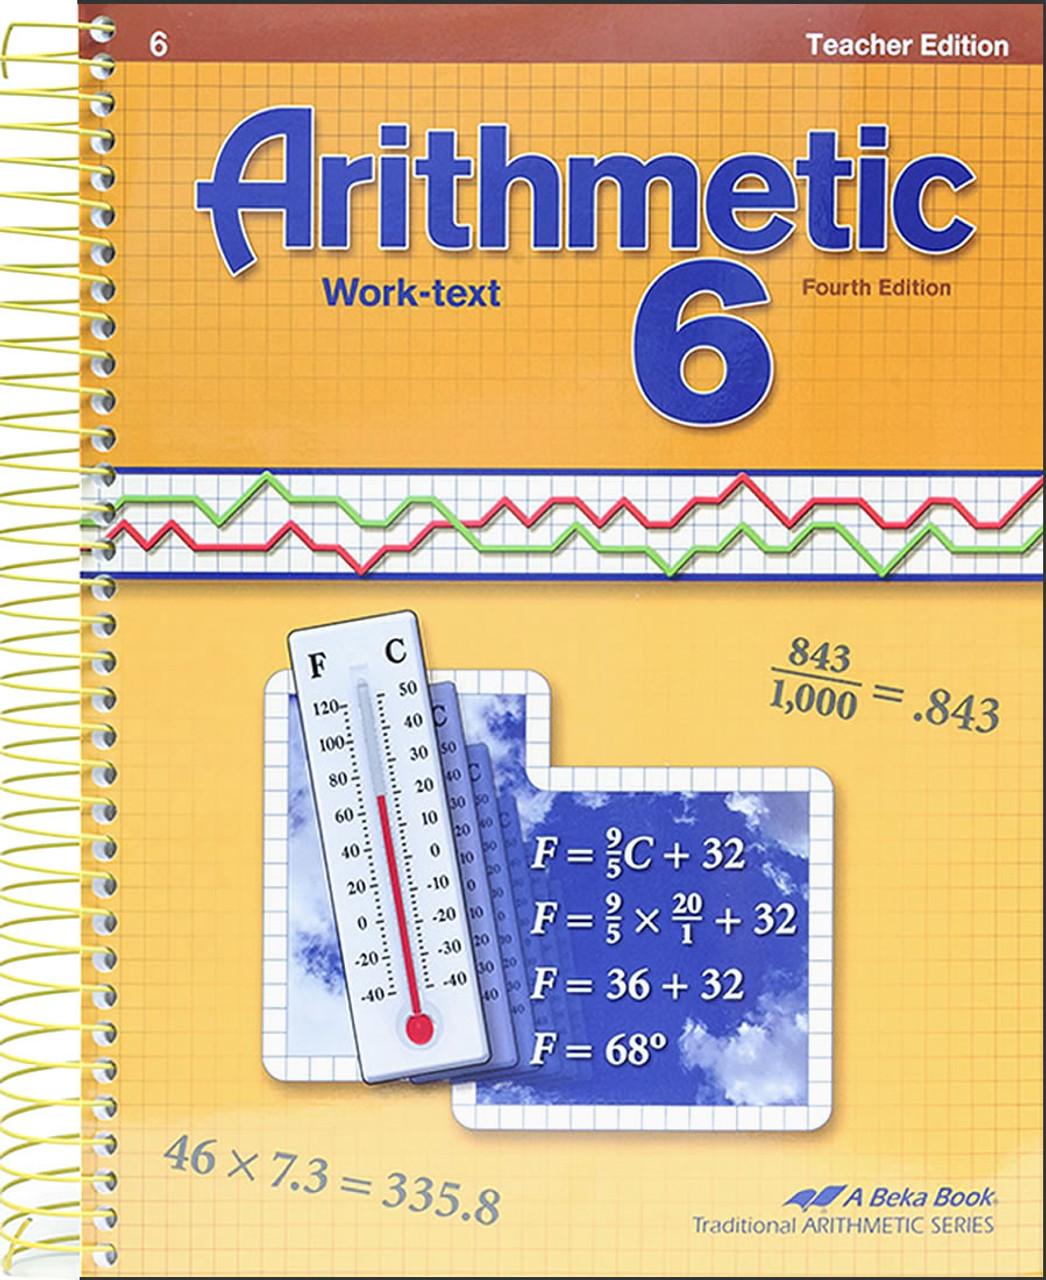 Arithmetic 6, 4th edition - Teacher Edition